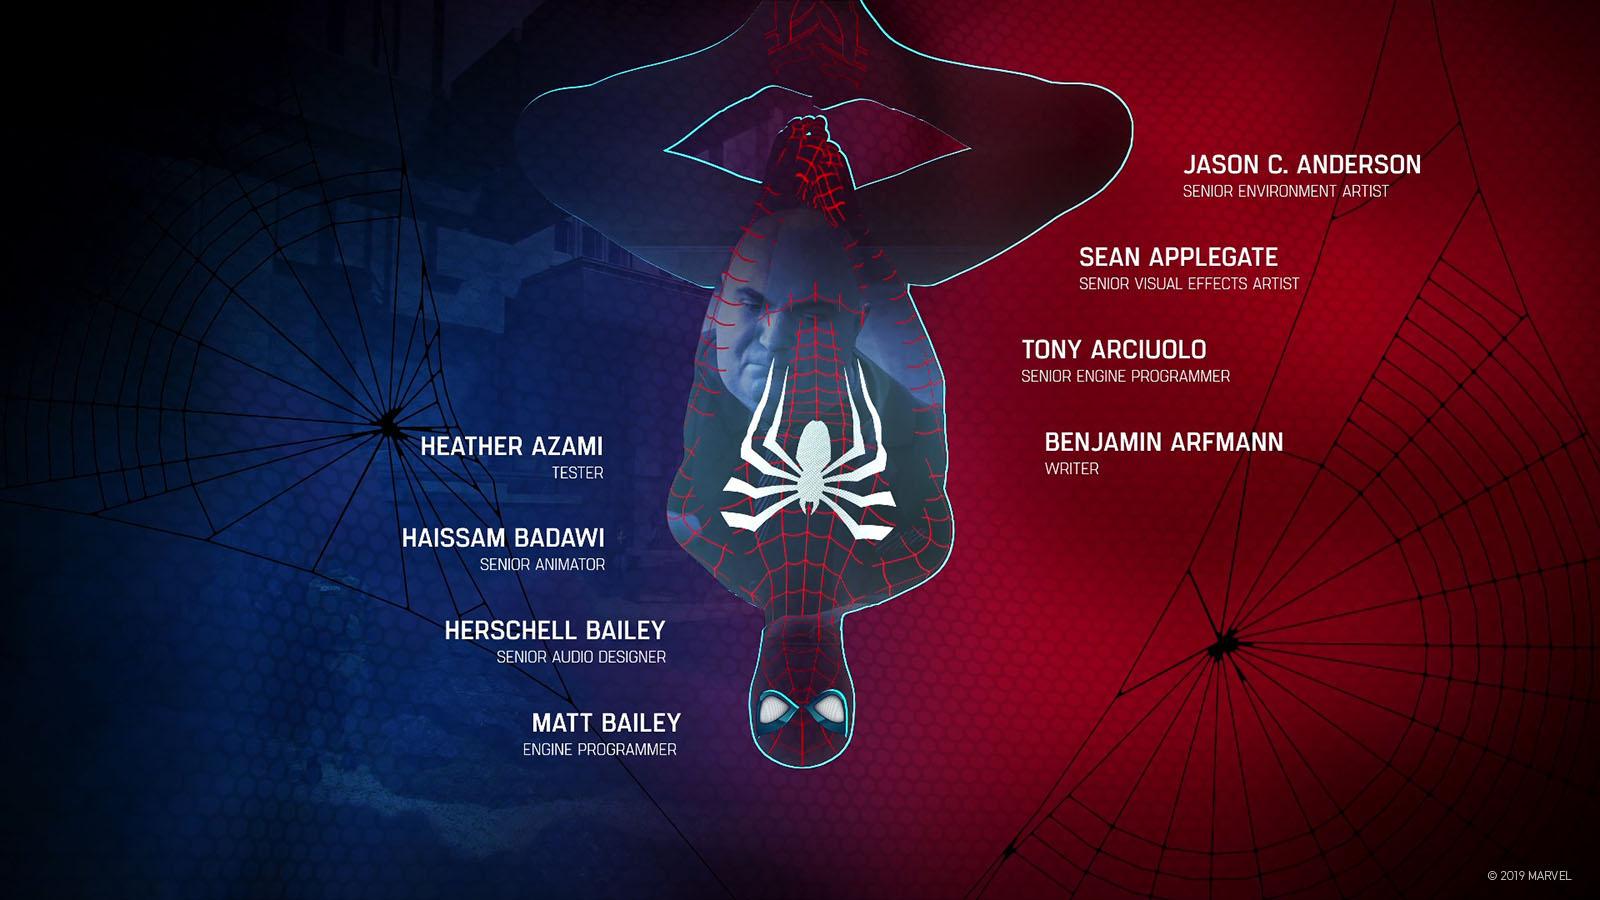 SpidermanTitles__Finalframe_TerritoryStudio_02a.jpg